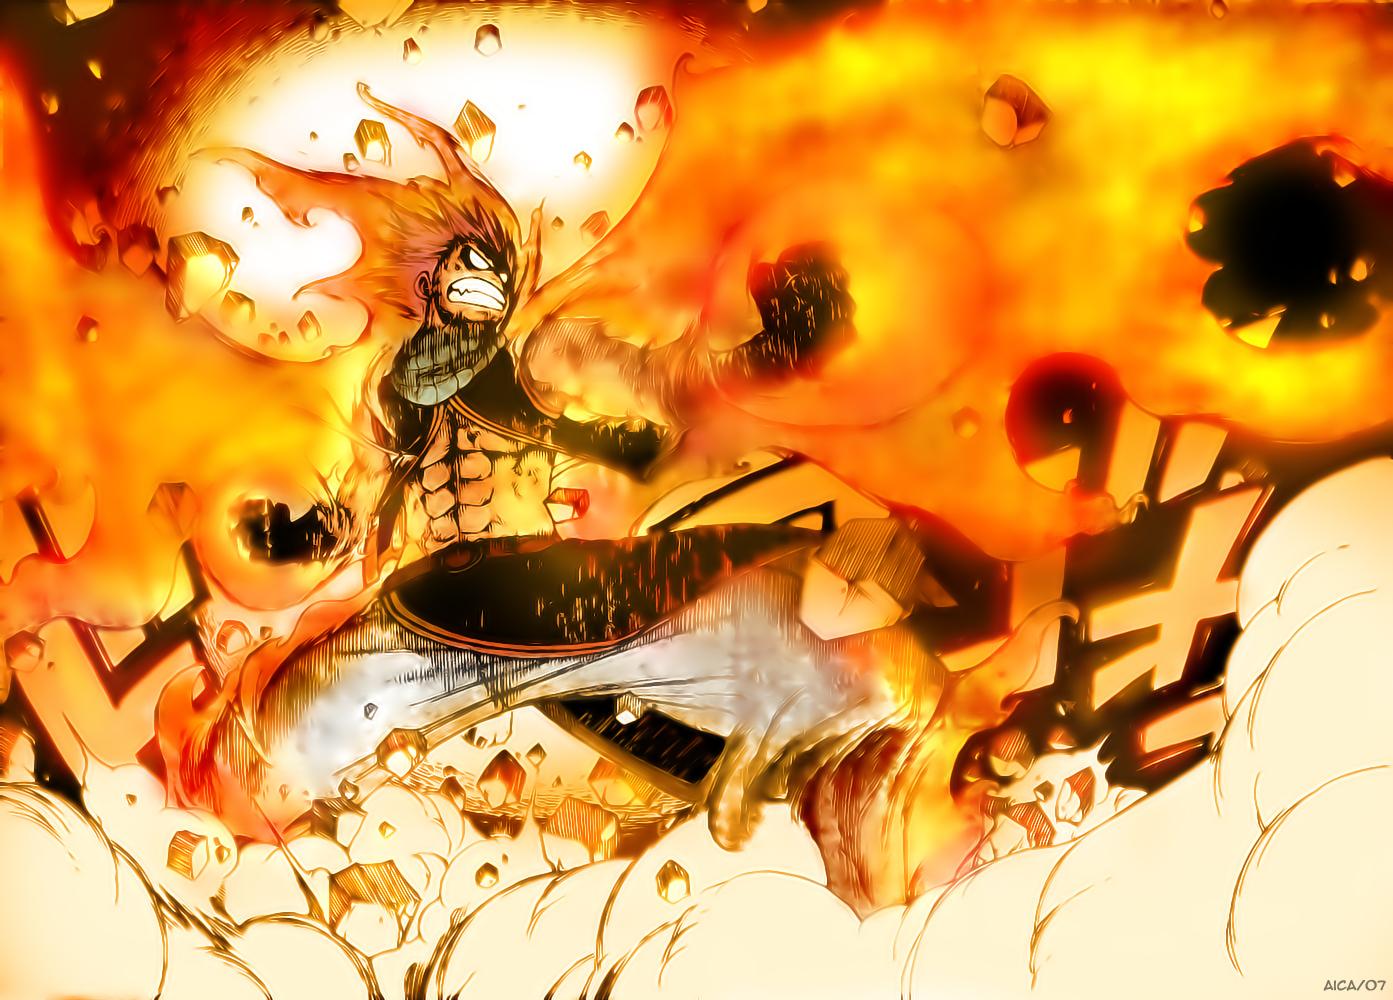 Natsu Dragneel images natsu wallpaper photos 22444423 1393x1000